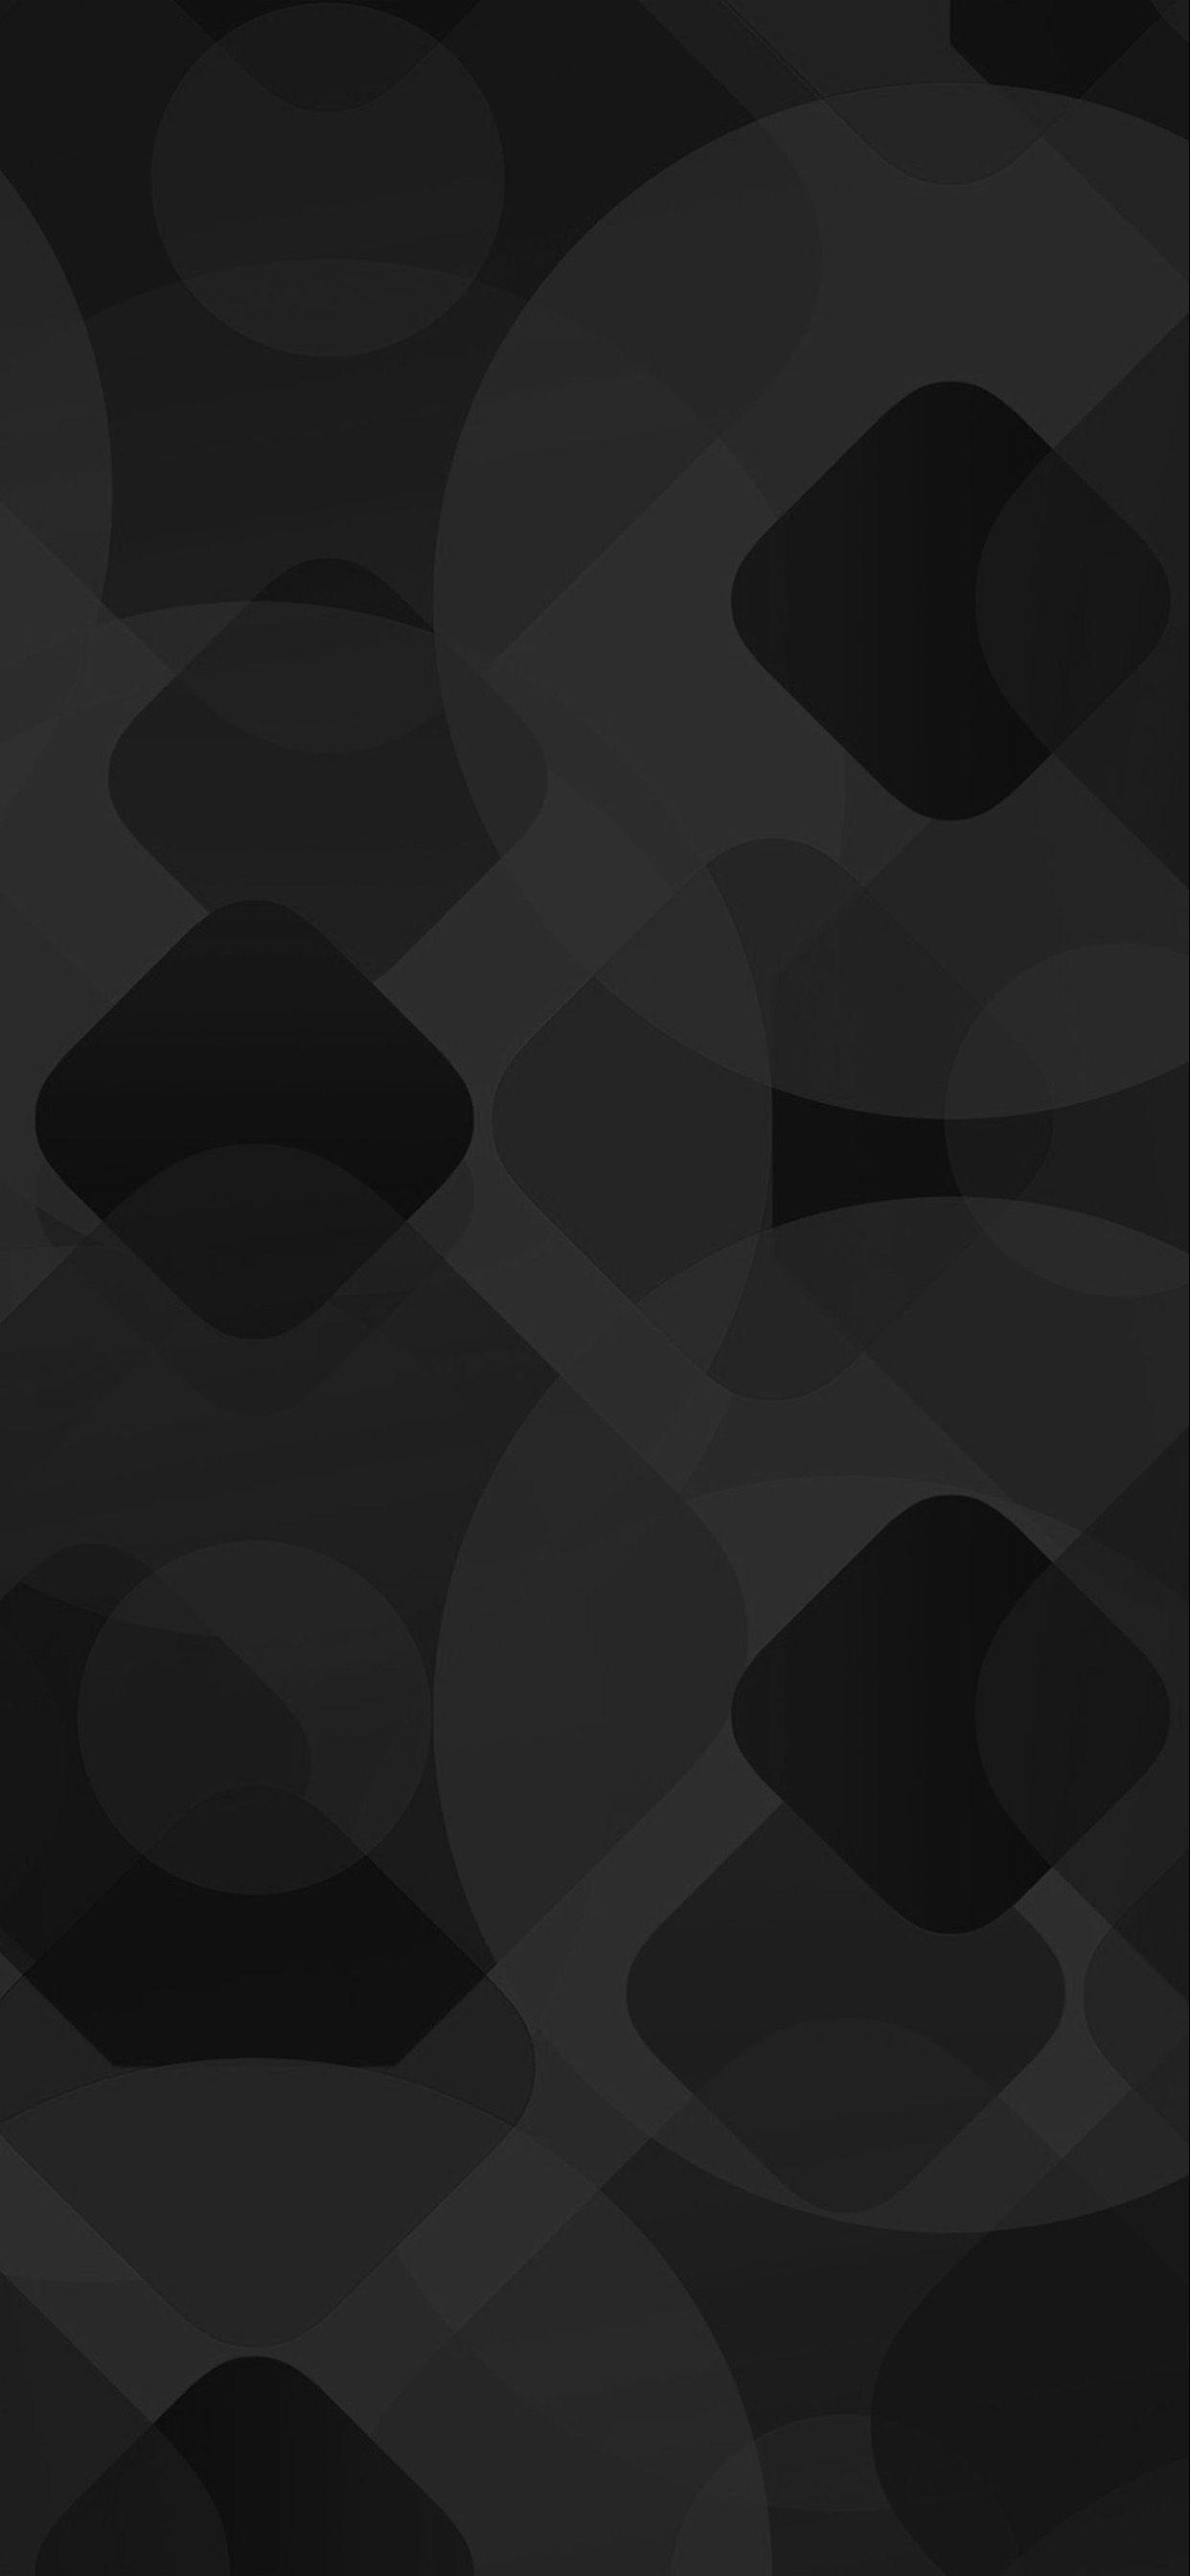 from iphonexswallpaper.com